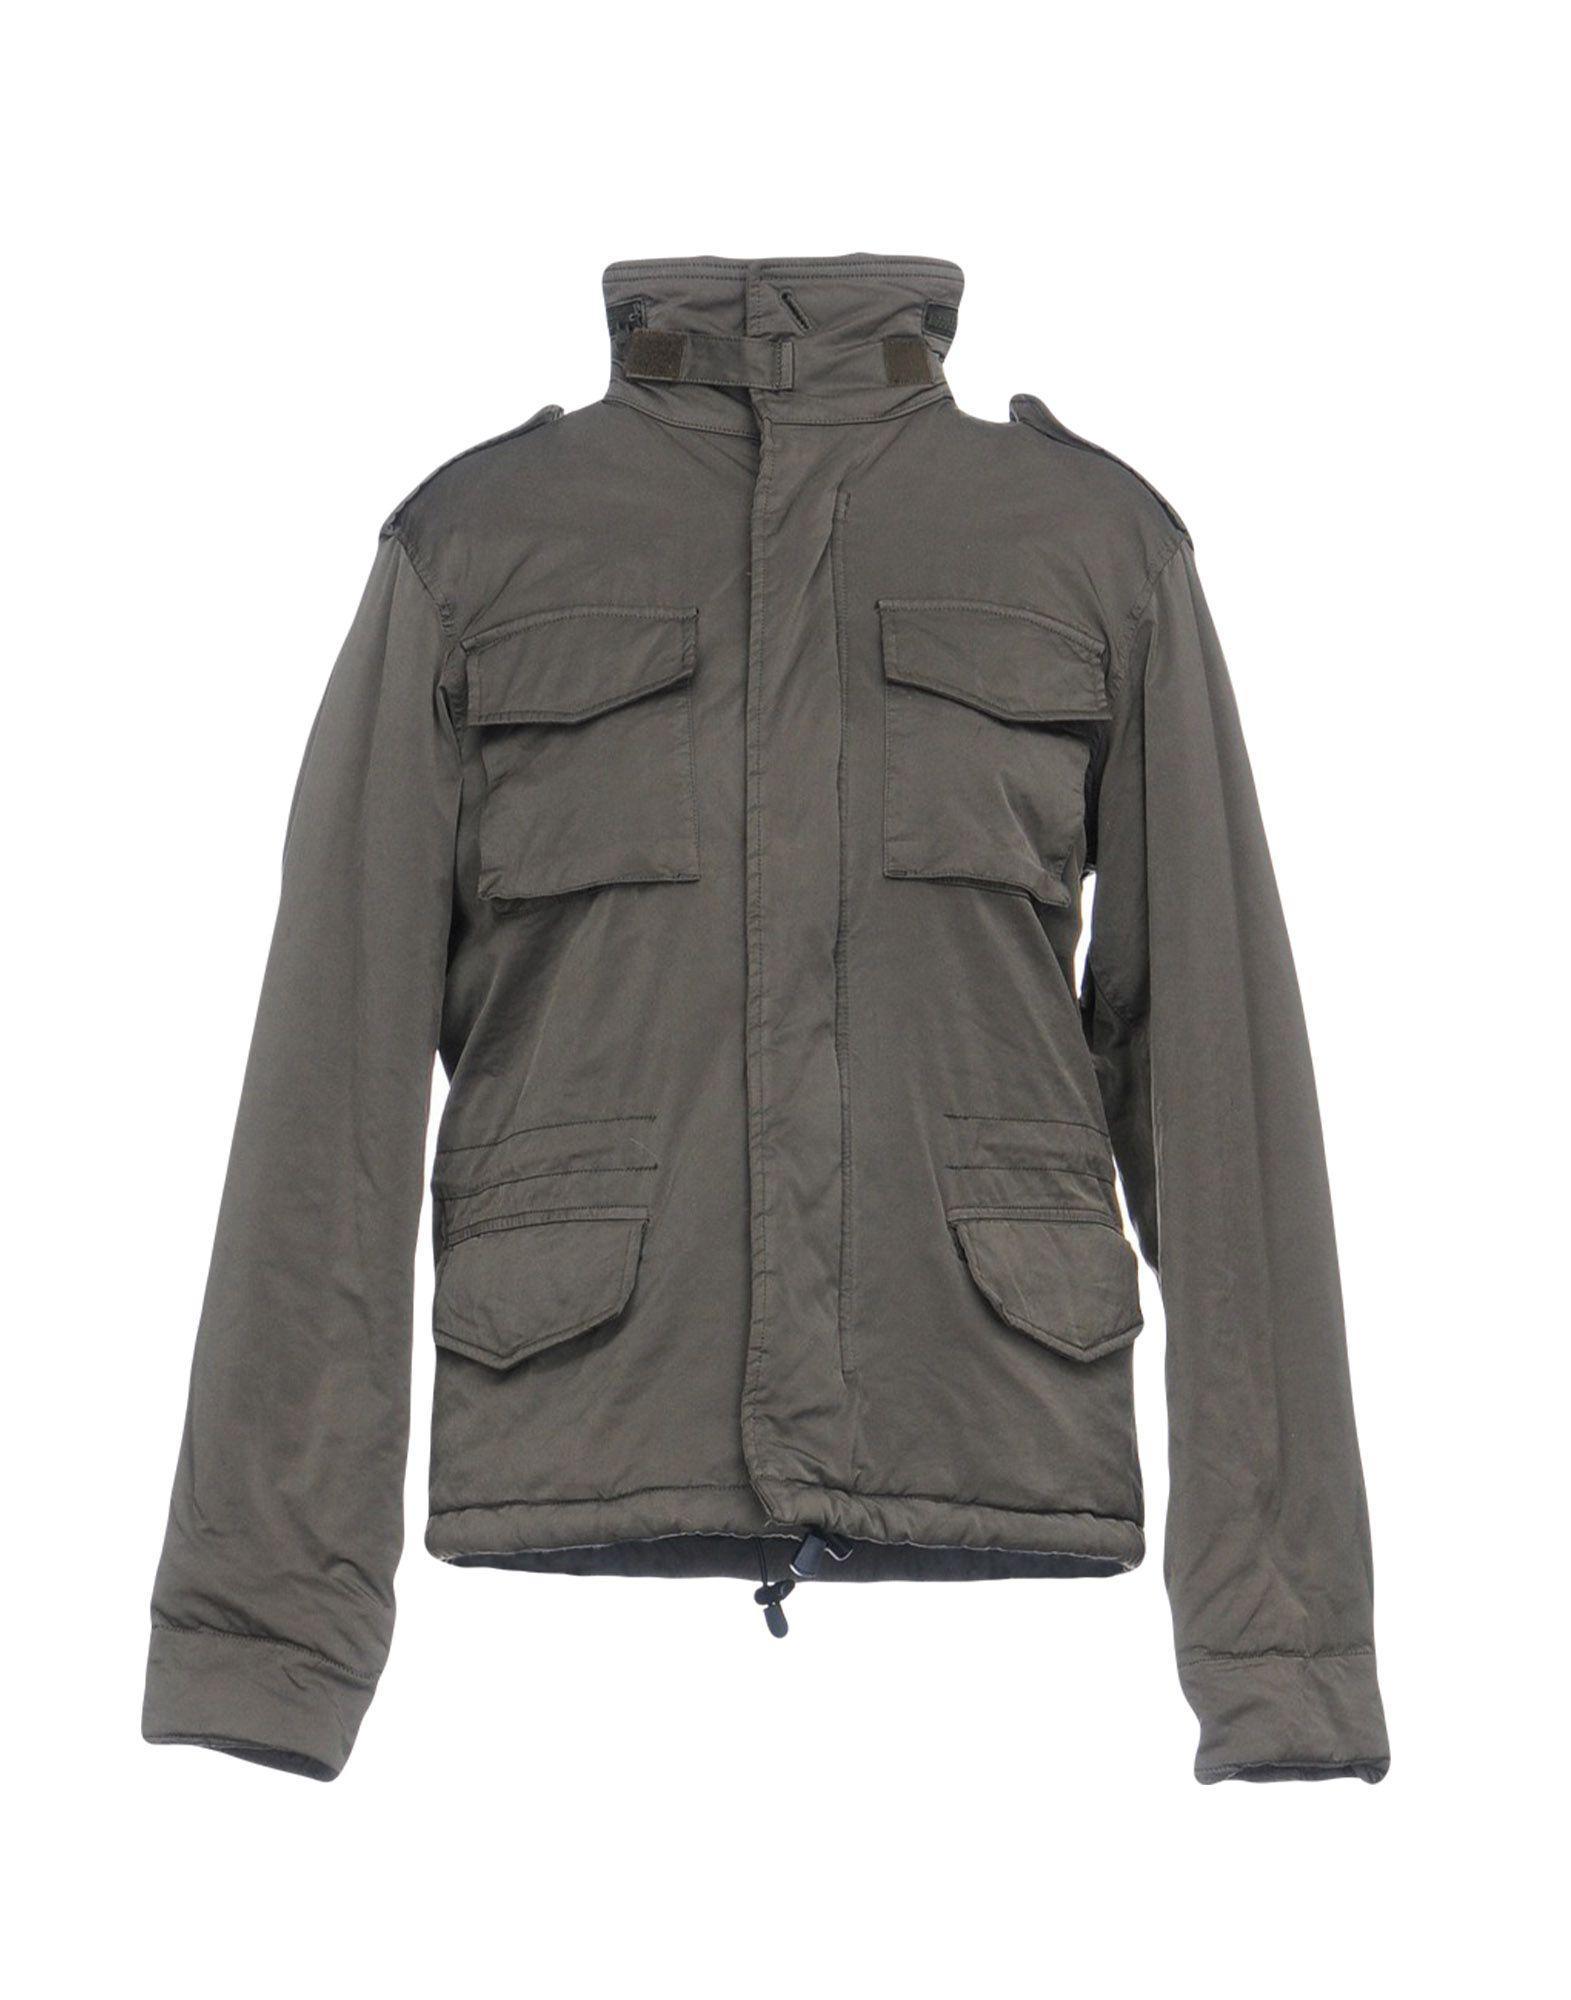 Aspesi Jacket In Military Green